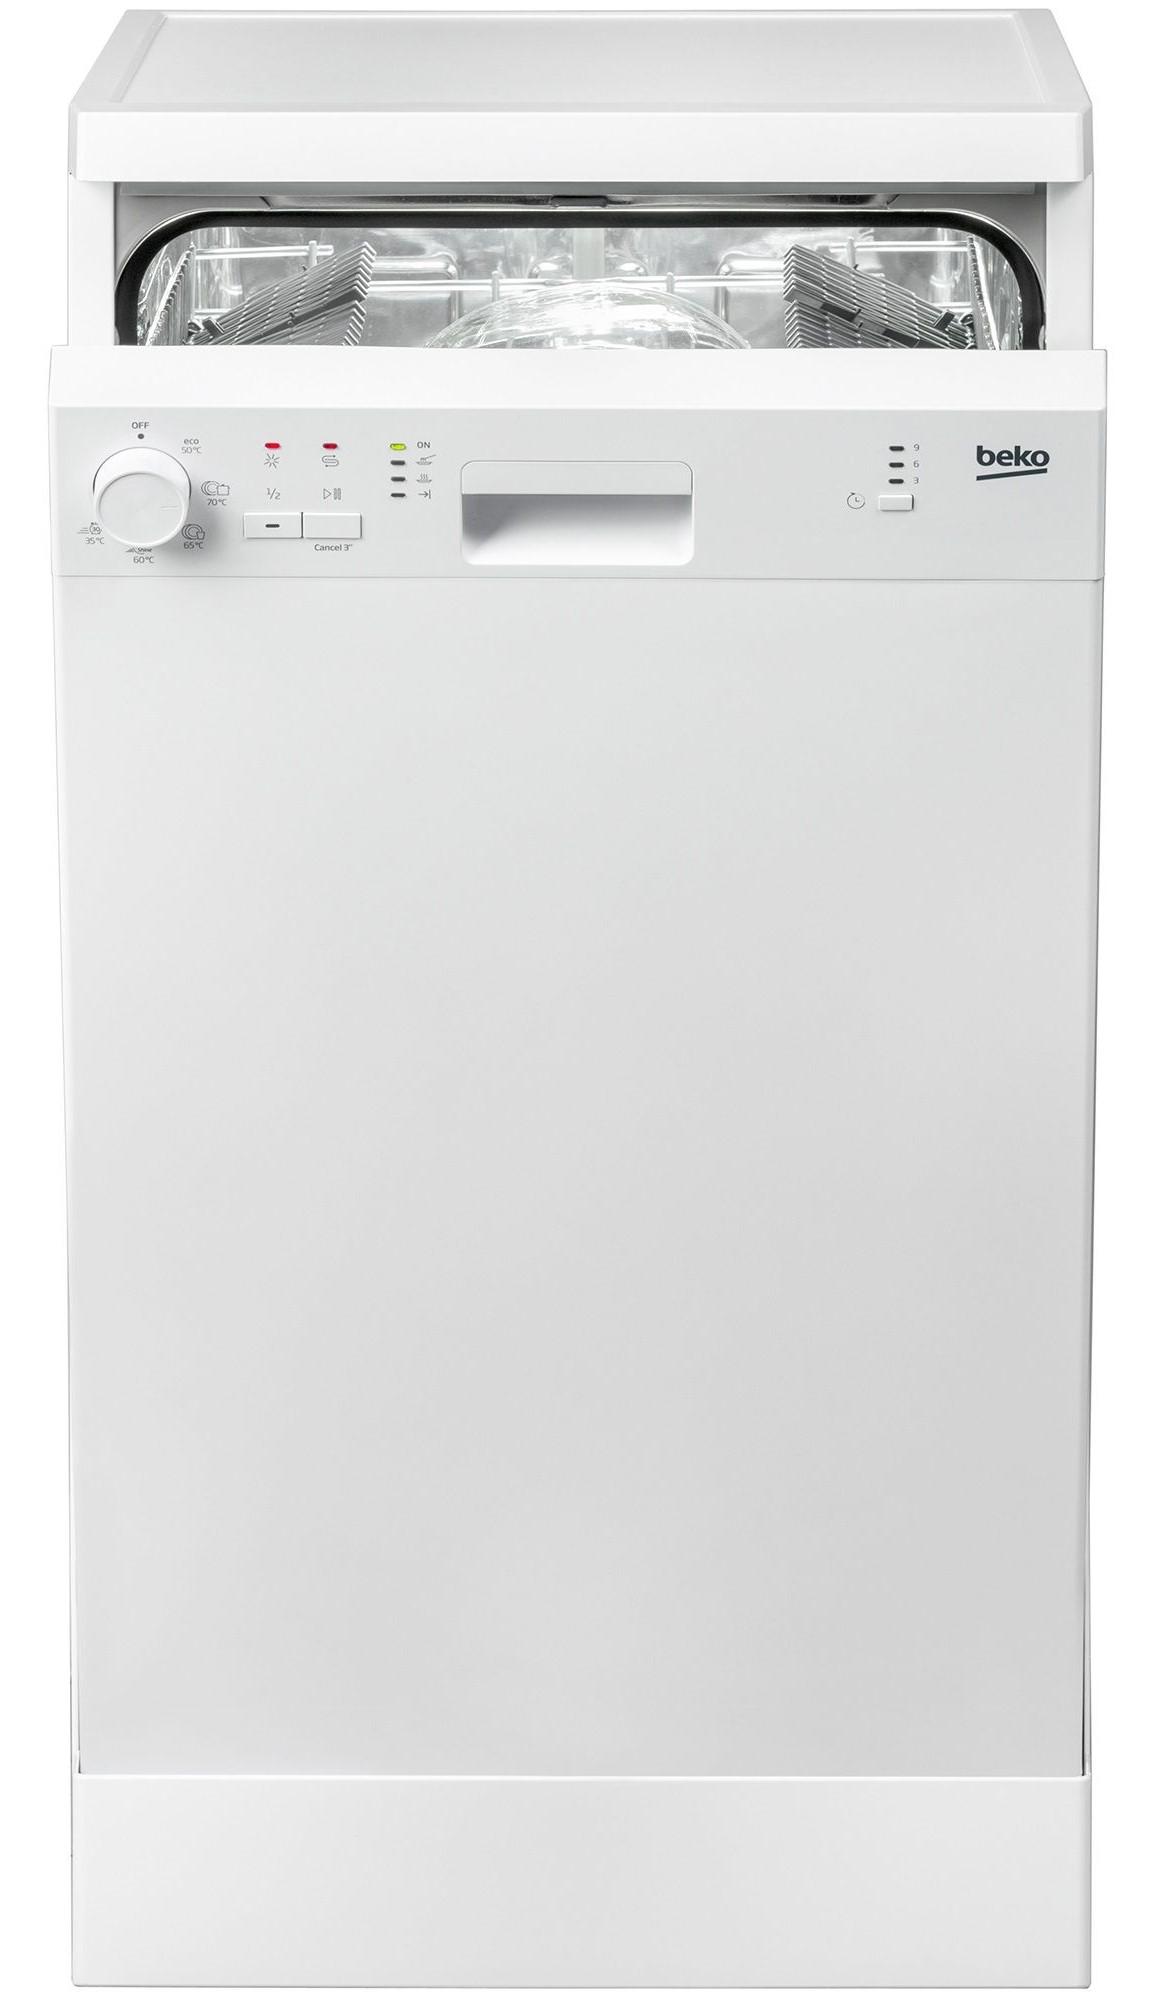 Masina de spalat vase Beko DFS05011W, A